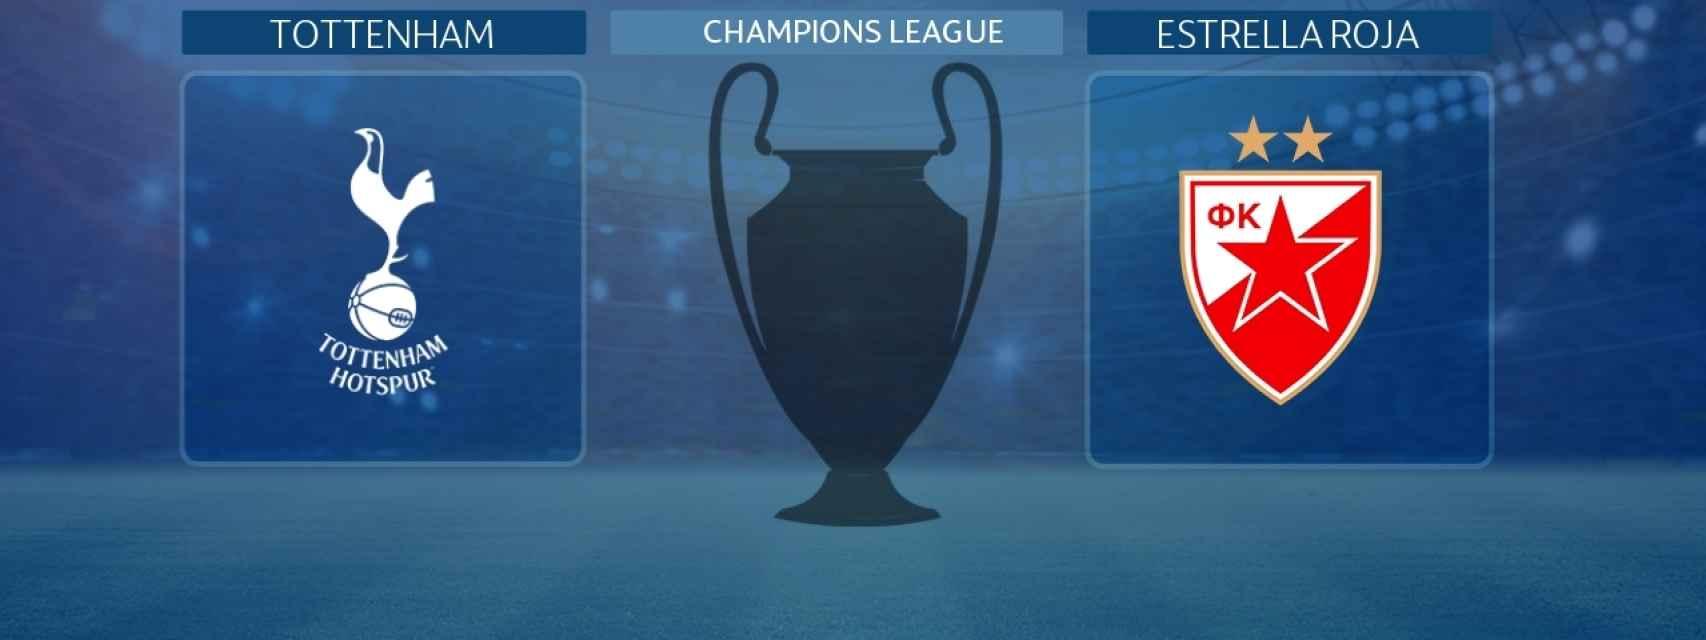 Tottenham - Estrella Roja